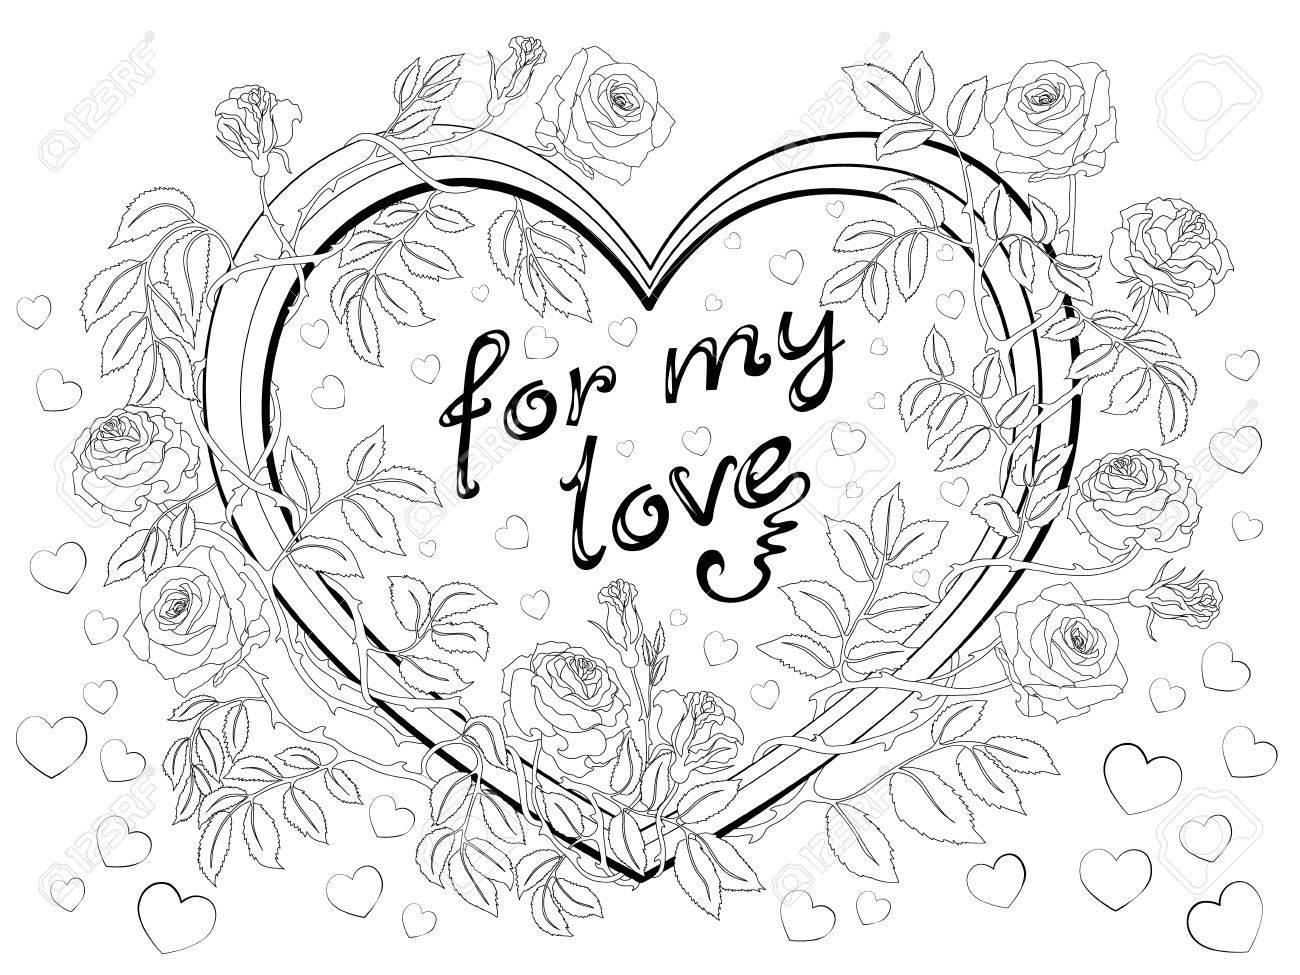 Corazones Dibujados A Mano Con Una Inscripción Para Mi Amor En